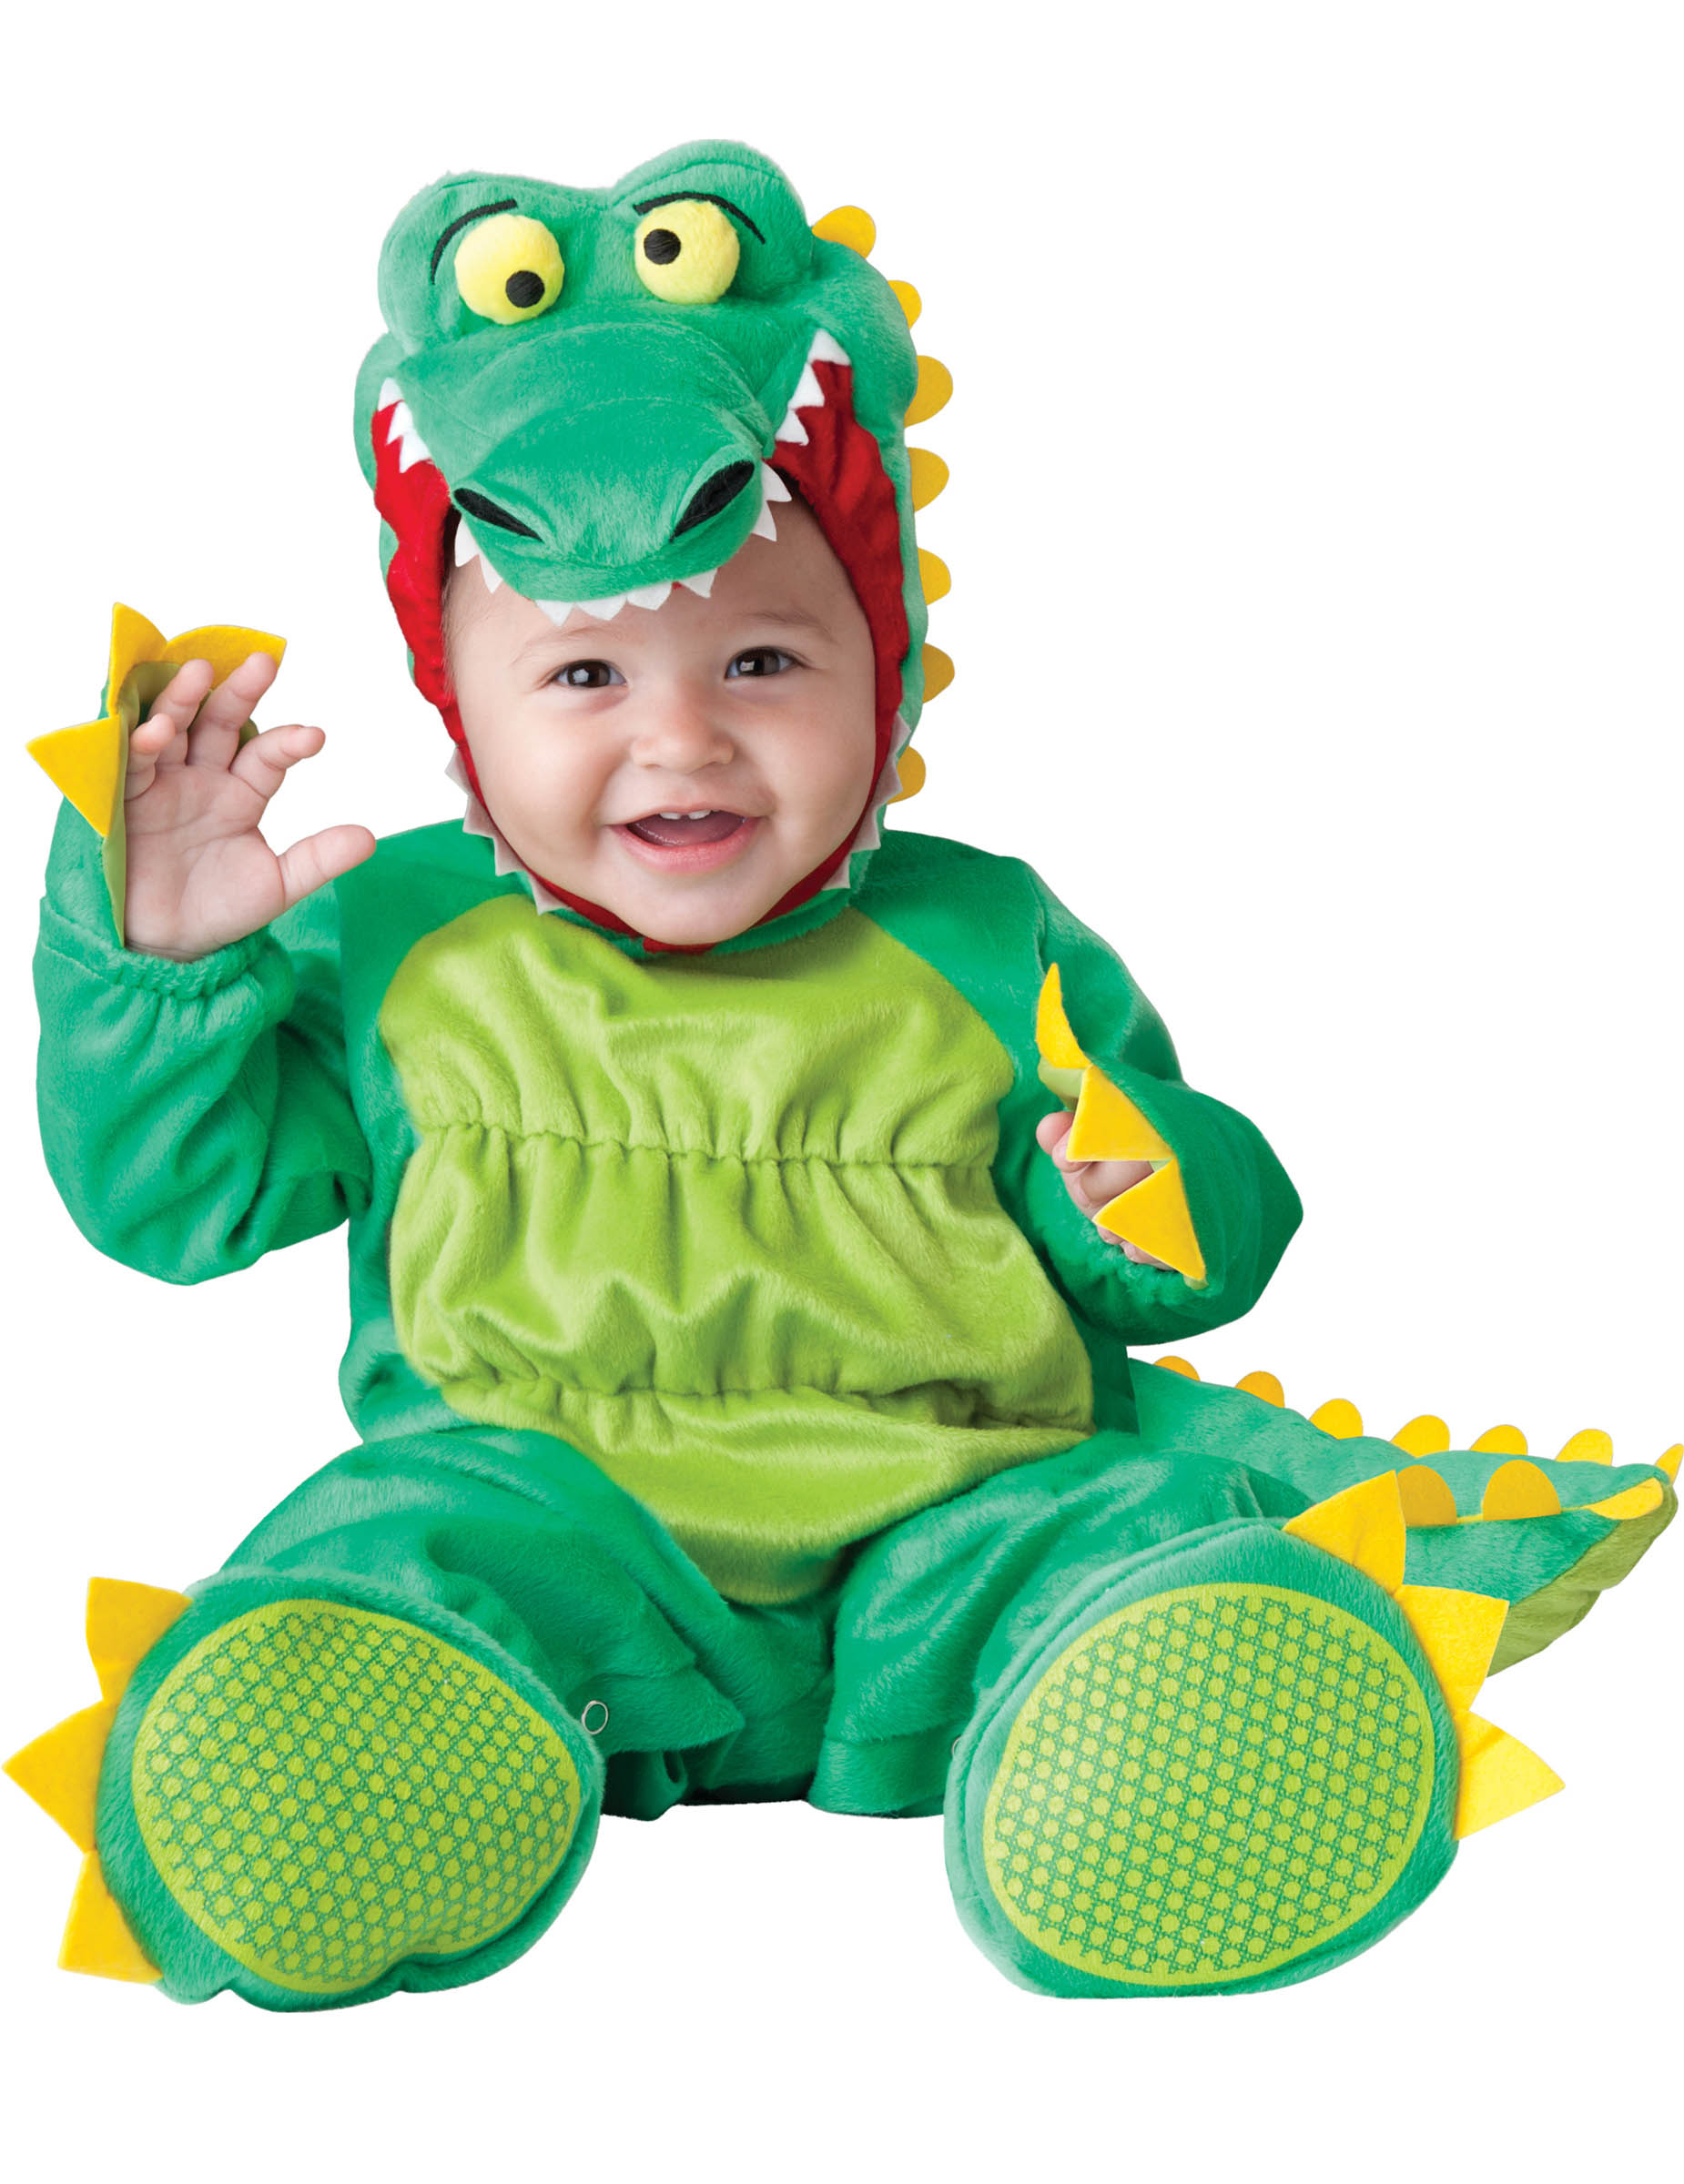 d guisement crocodile pour b b luxe achat de d guisements enfants sur vegaoopro grossiste. Black Bedroom Furniture Sets. Home Design Ideas